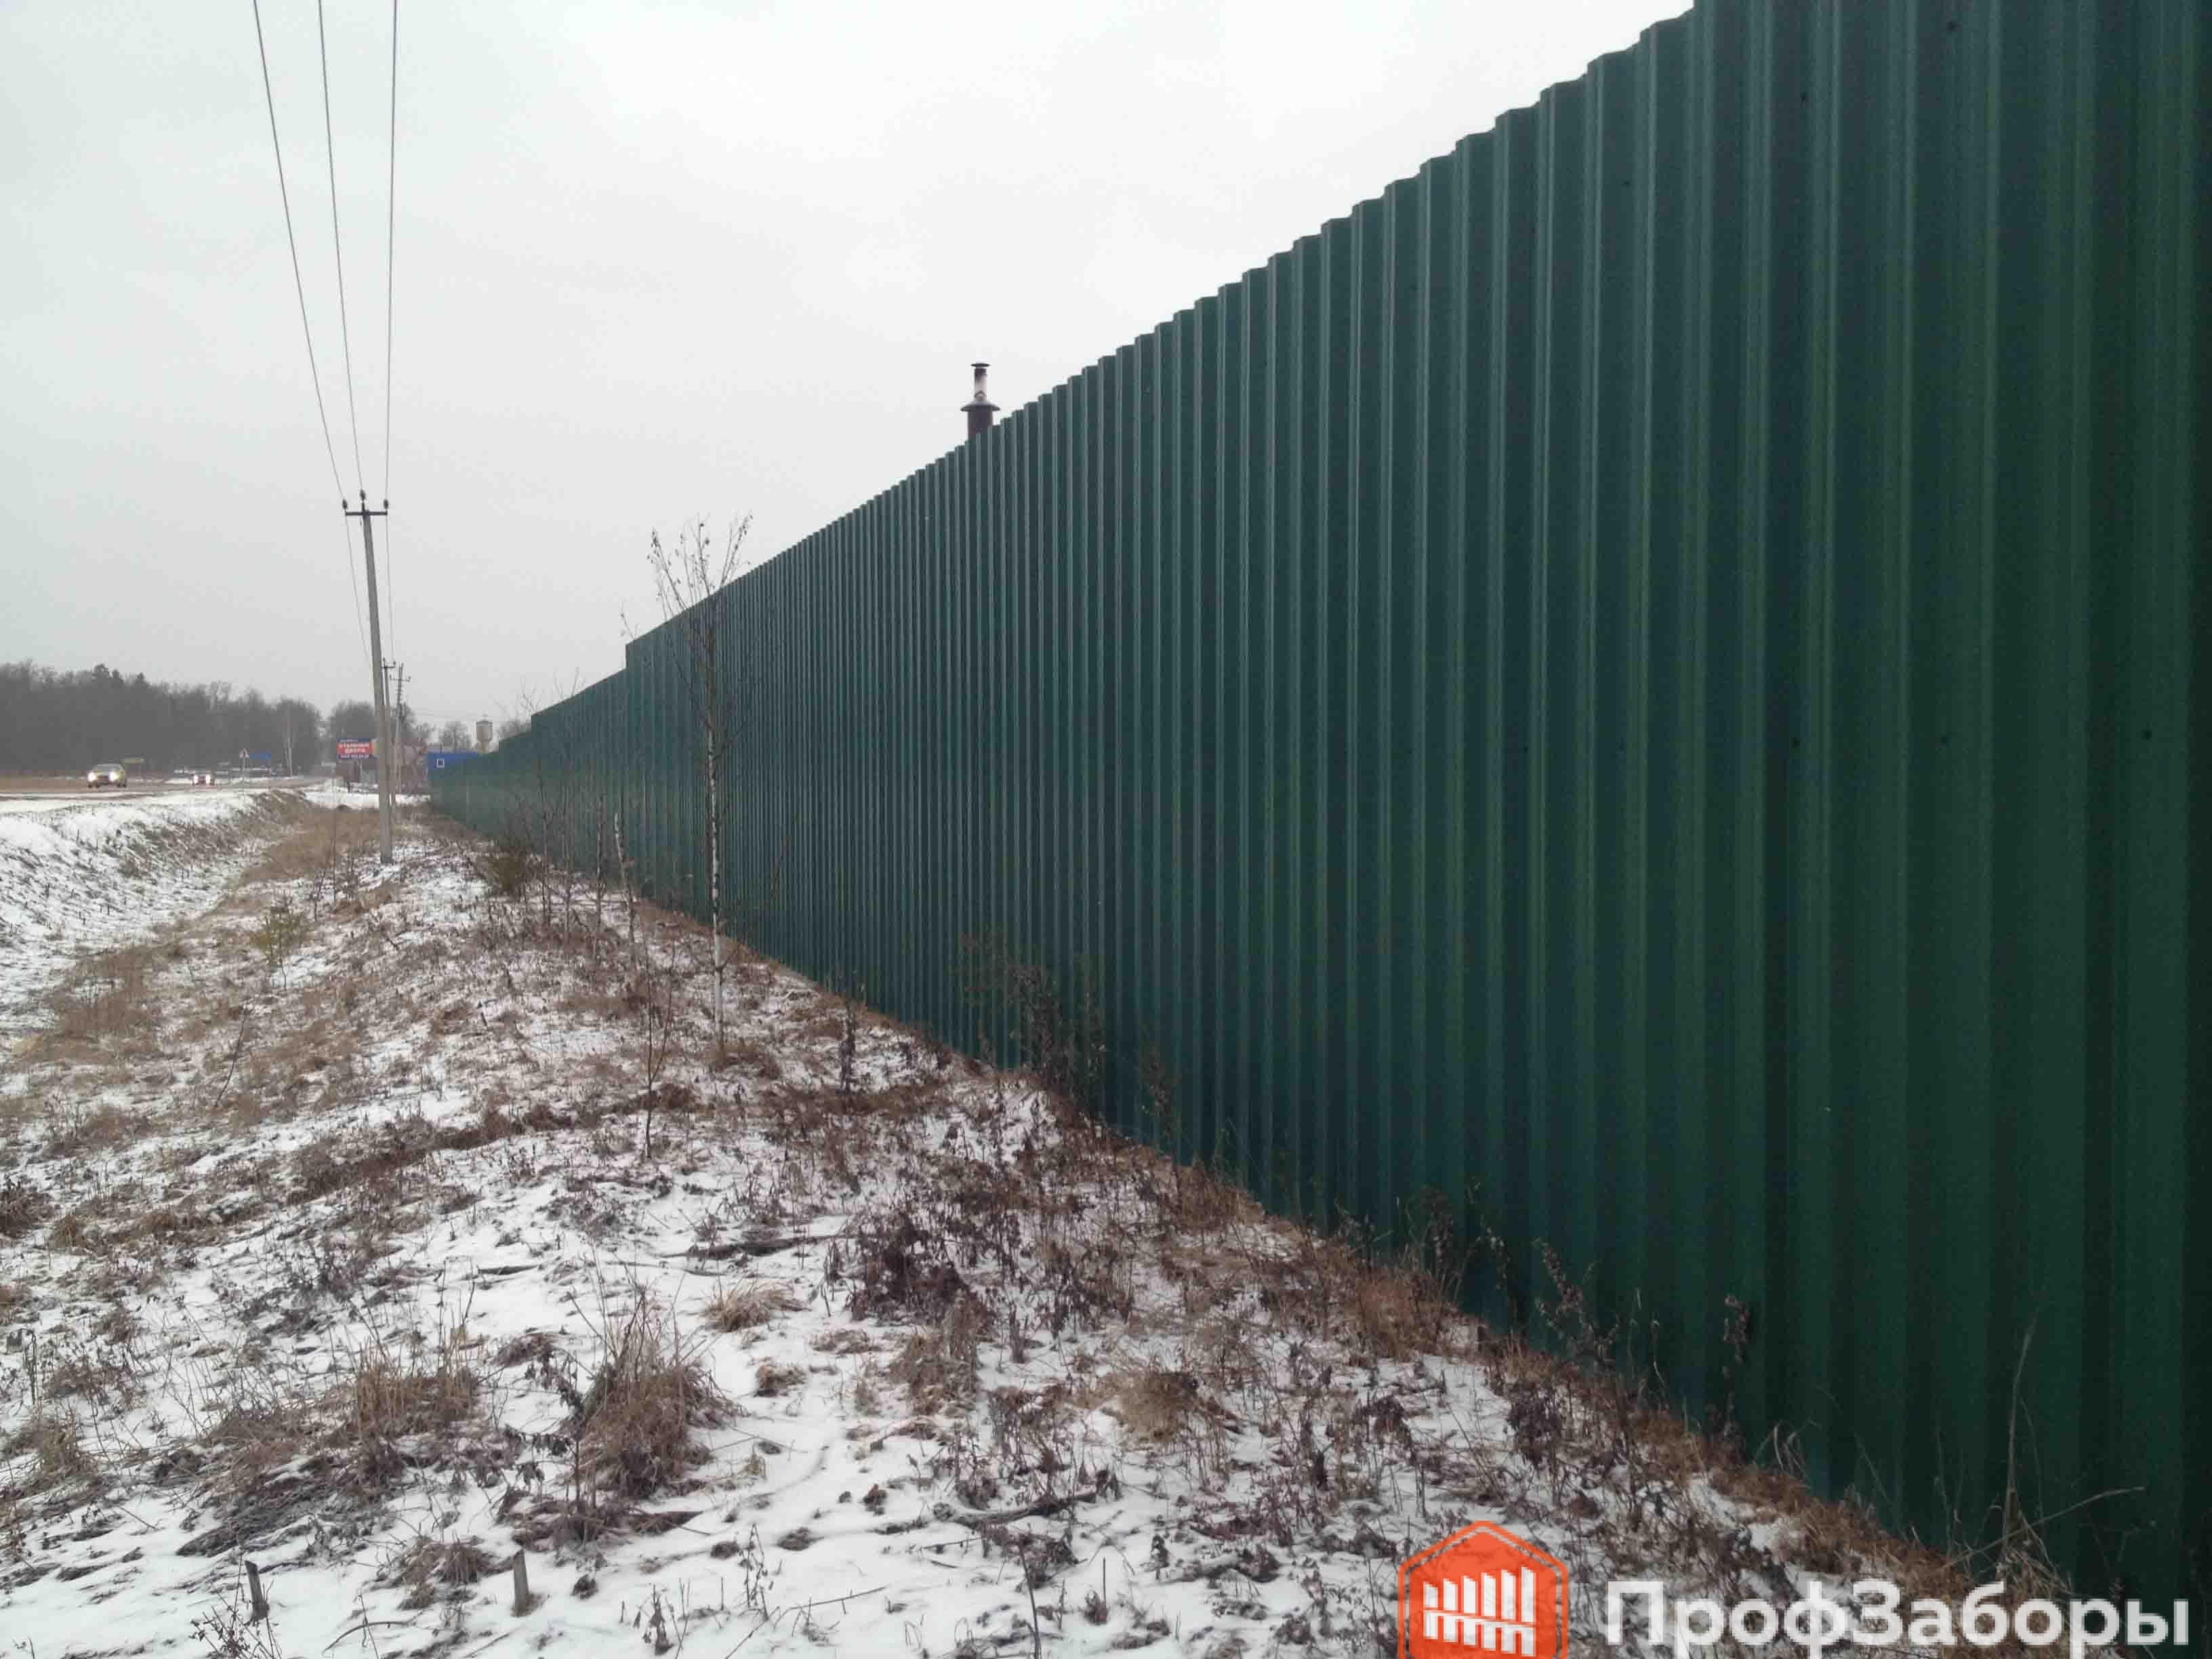 Заборы Из профнастила  - Город Дубна. Фото 4